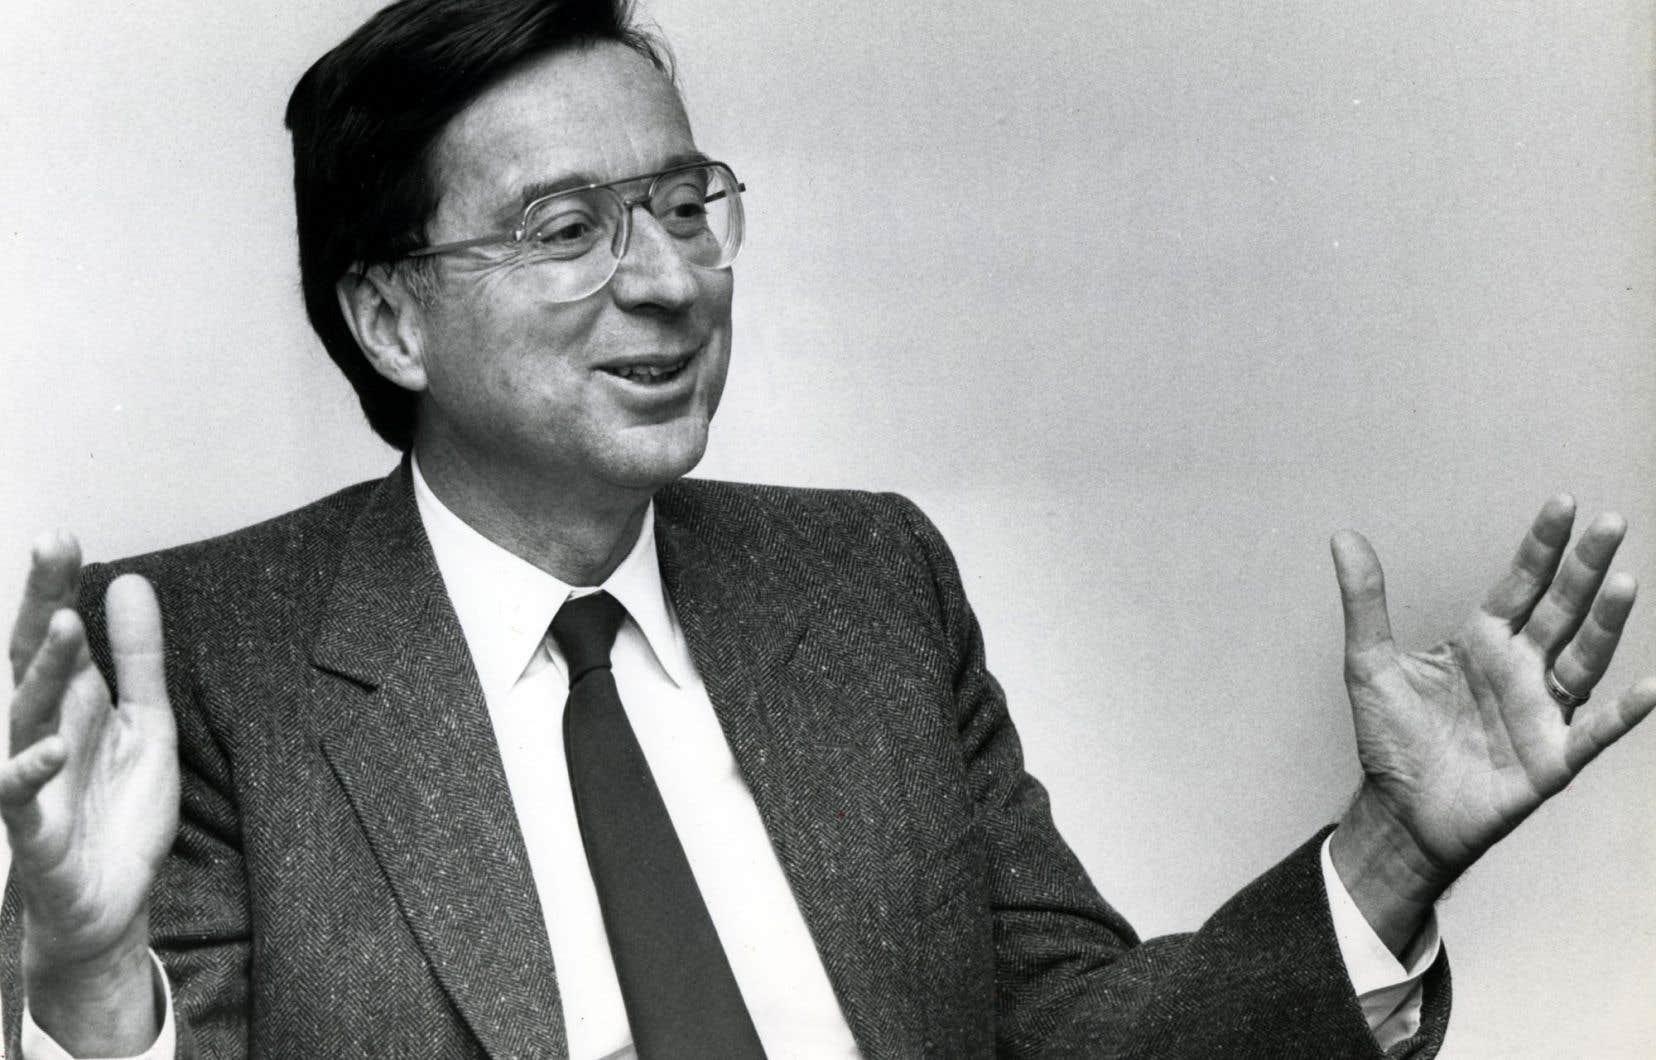 À l'automne 1989, l'auteur était chroniqueur sur la colline parlementaire de Québec pour le compte du journal «Le Soleil» et recevait des informations privilégiées provenant directement du bureau du premier ministre, Robert Bourassa.